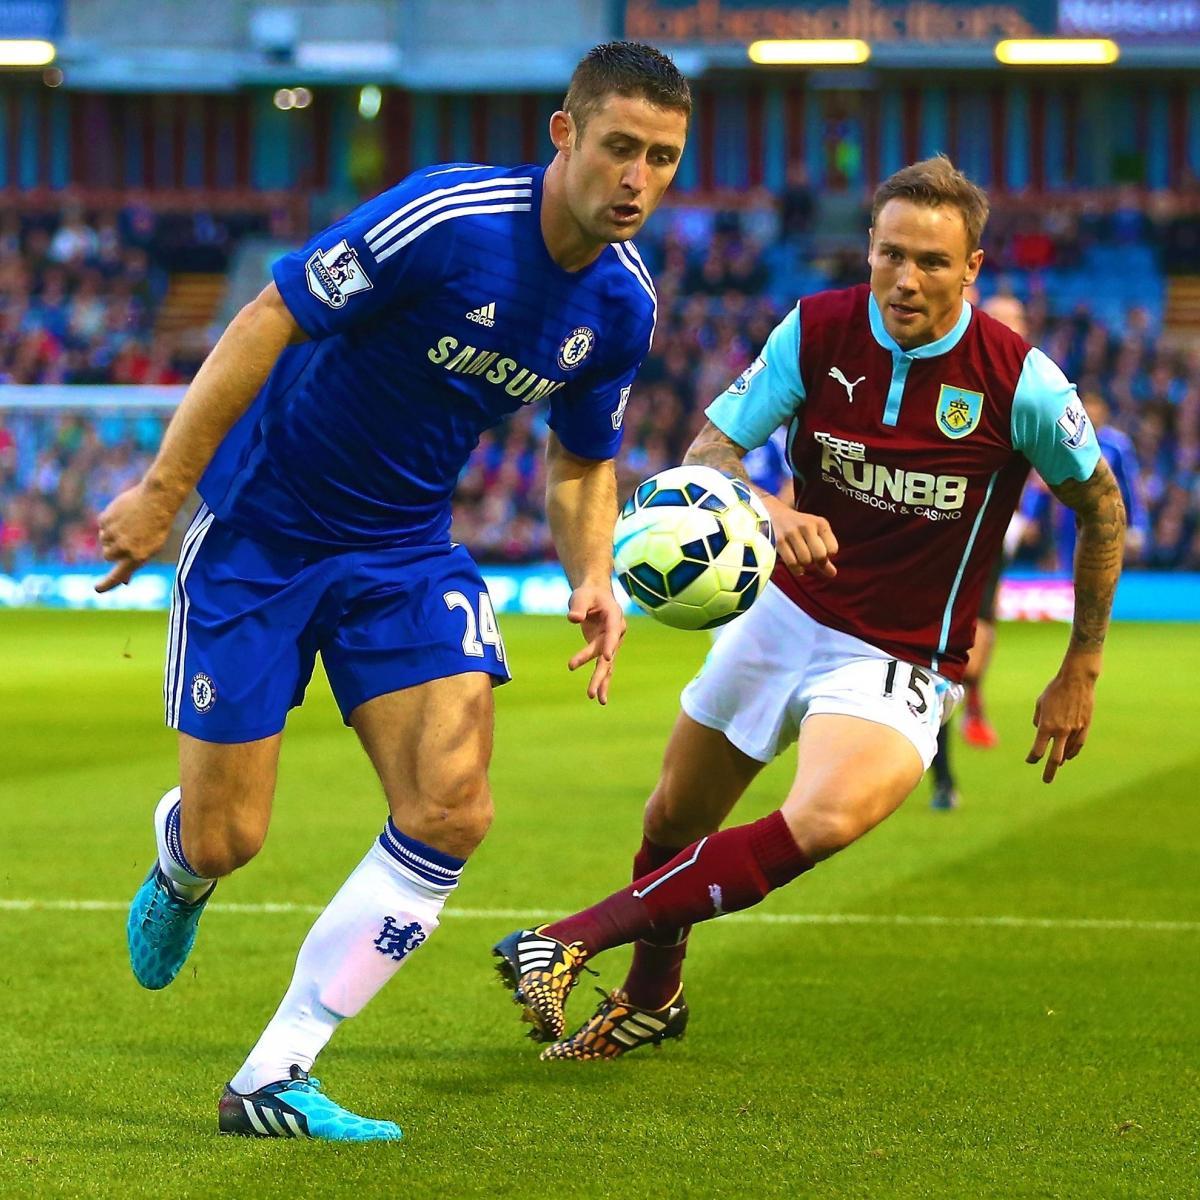 Psg Vs Chelsea Live Score Highlights From Champions: Burnley Vs. Chelsea: Live Score, Highlights From Premier